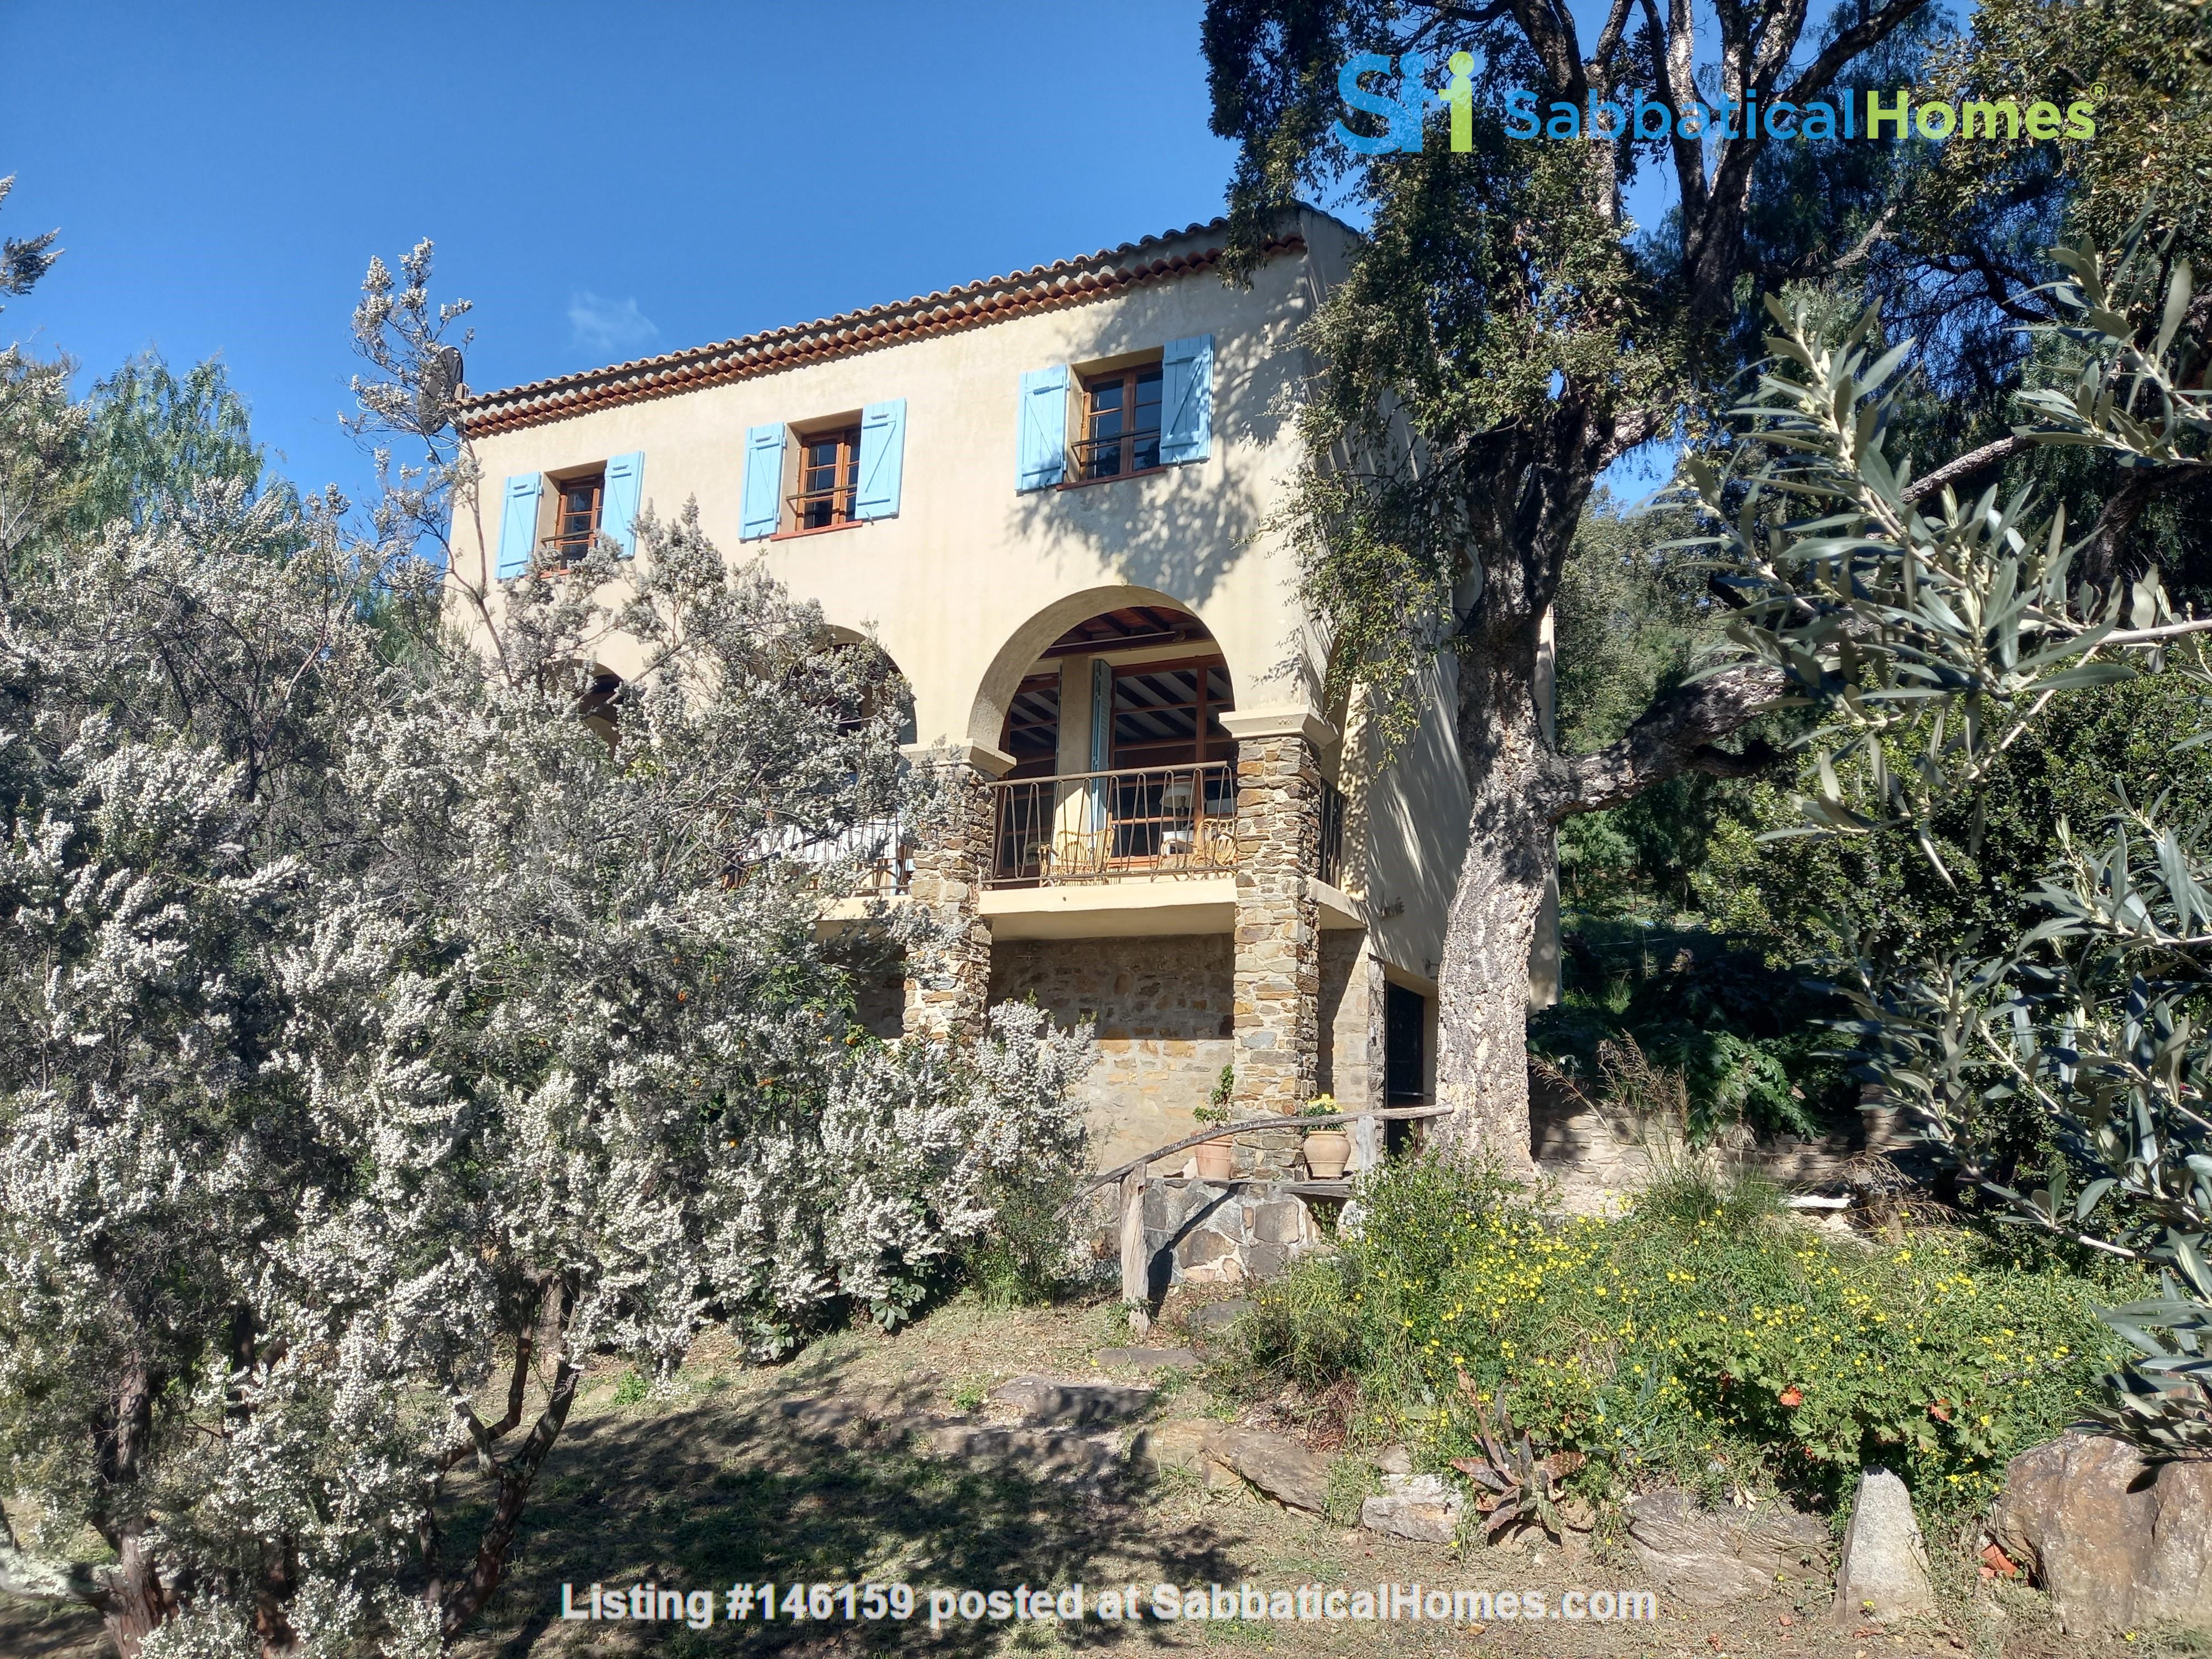 house for rent near Le Lavandou France for a 6 month term(negotiable) Home Rental in Le Lavandou 1